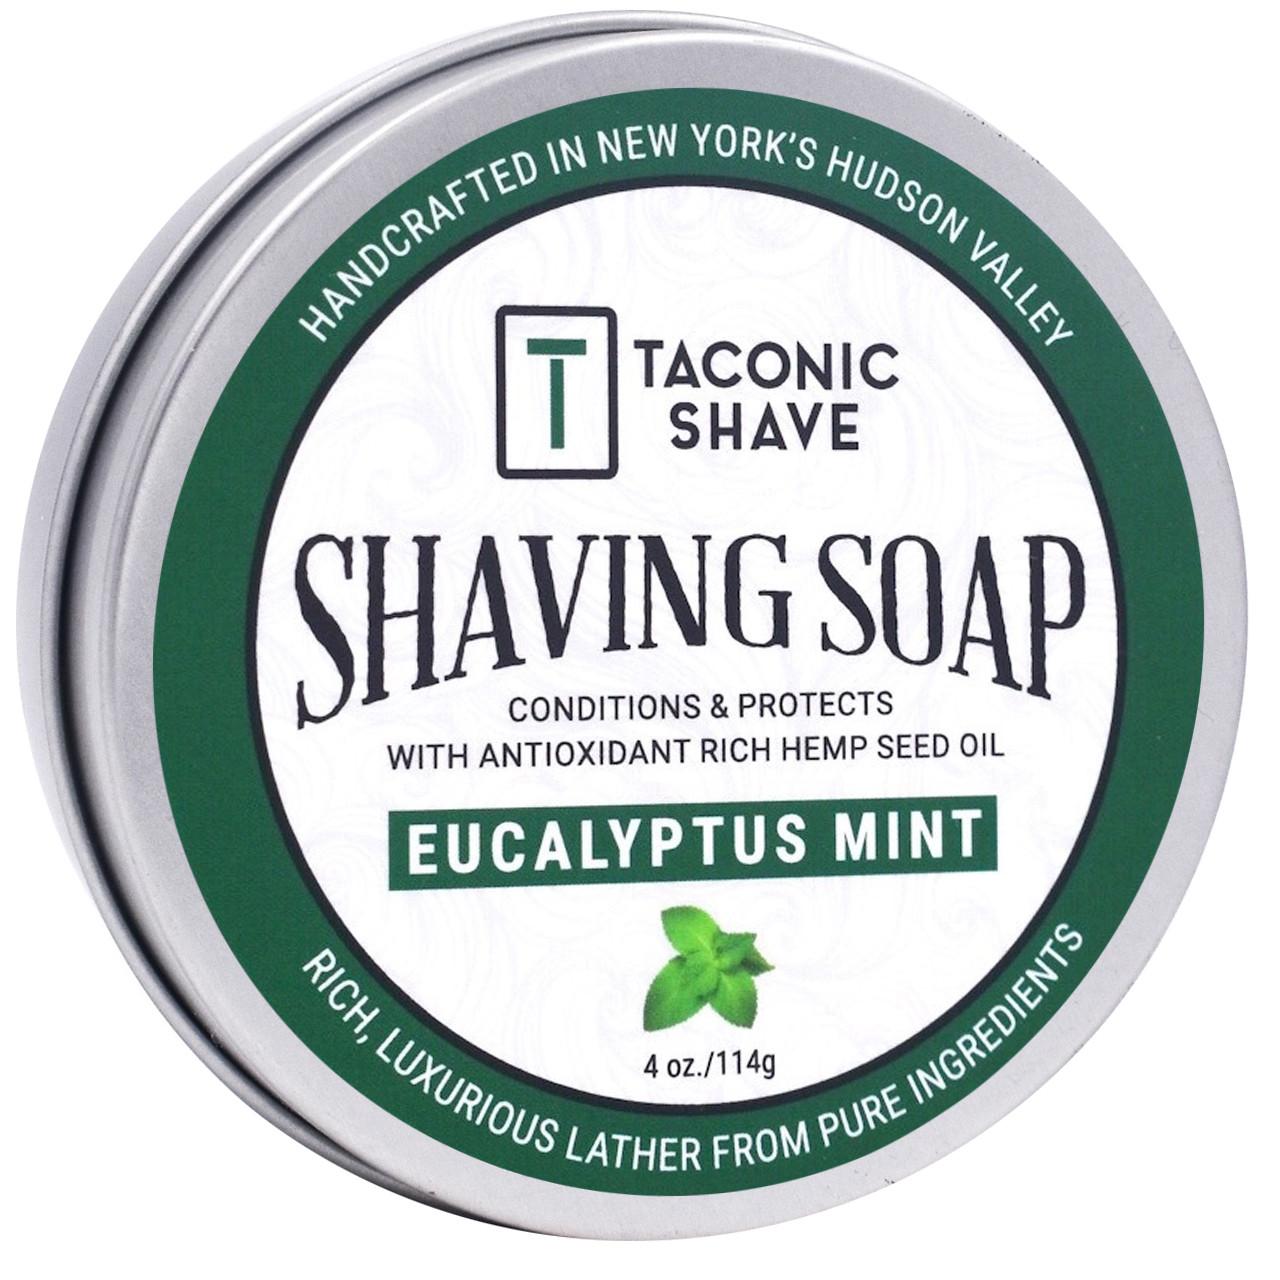 Taconic Shave Soap Eucalyptus Mint 4oz